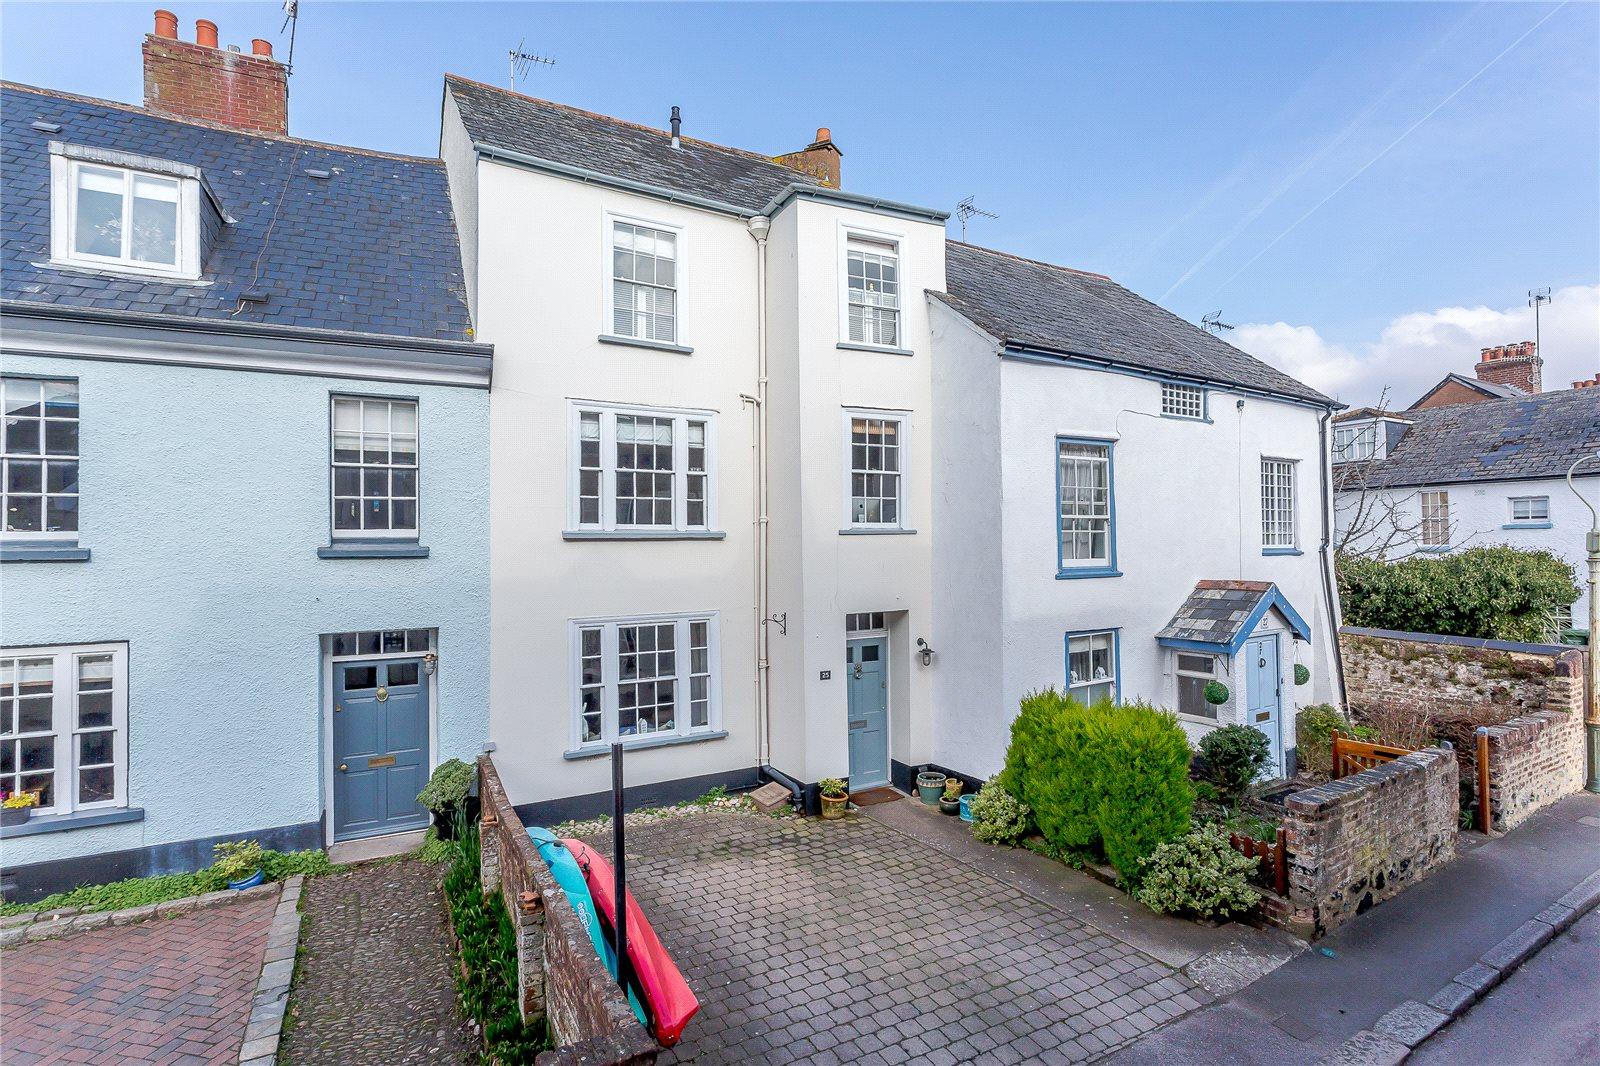 Tek Ailelik Ev için Satış at Higher Shapter Street, Topsham, Exeter, Devon, EX3 Exeter, Ingiltere